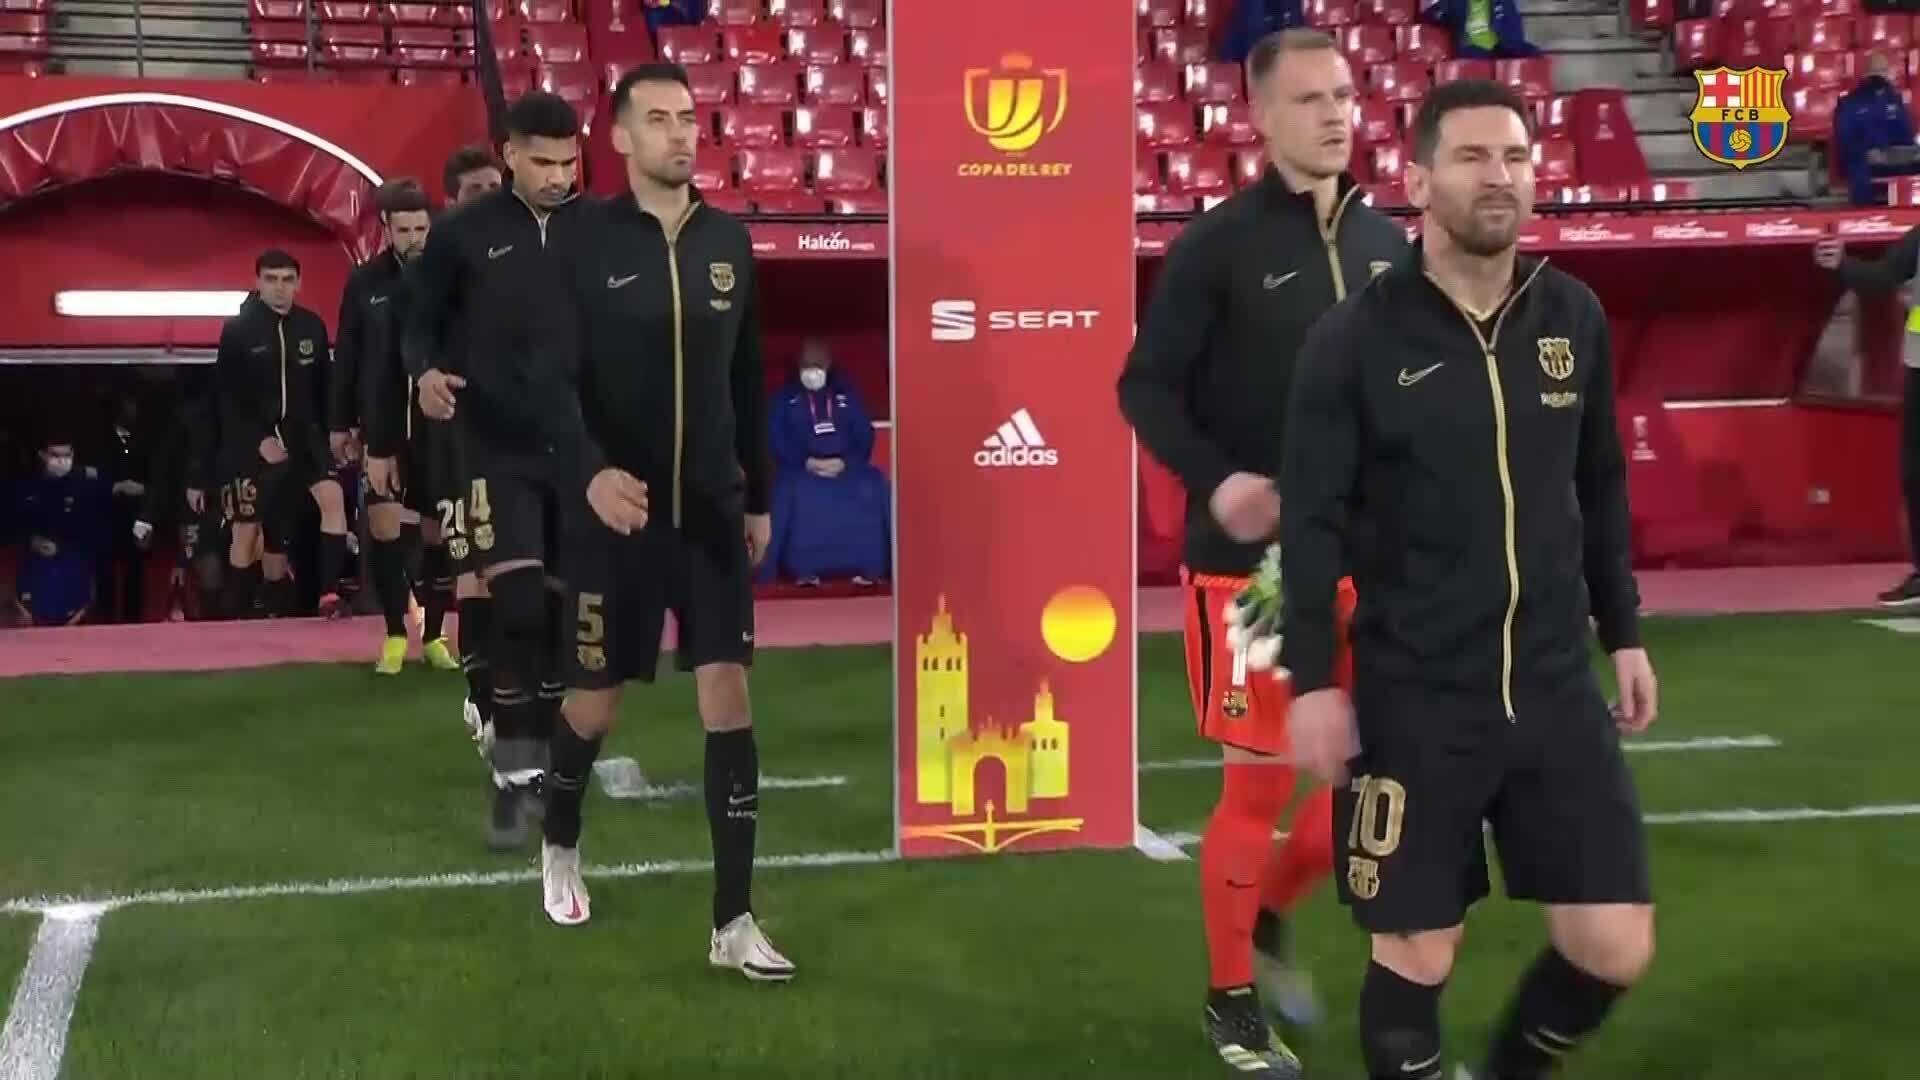 Granada 3-5 Barca